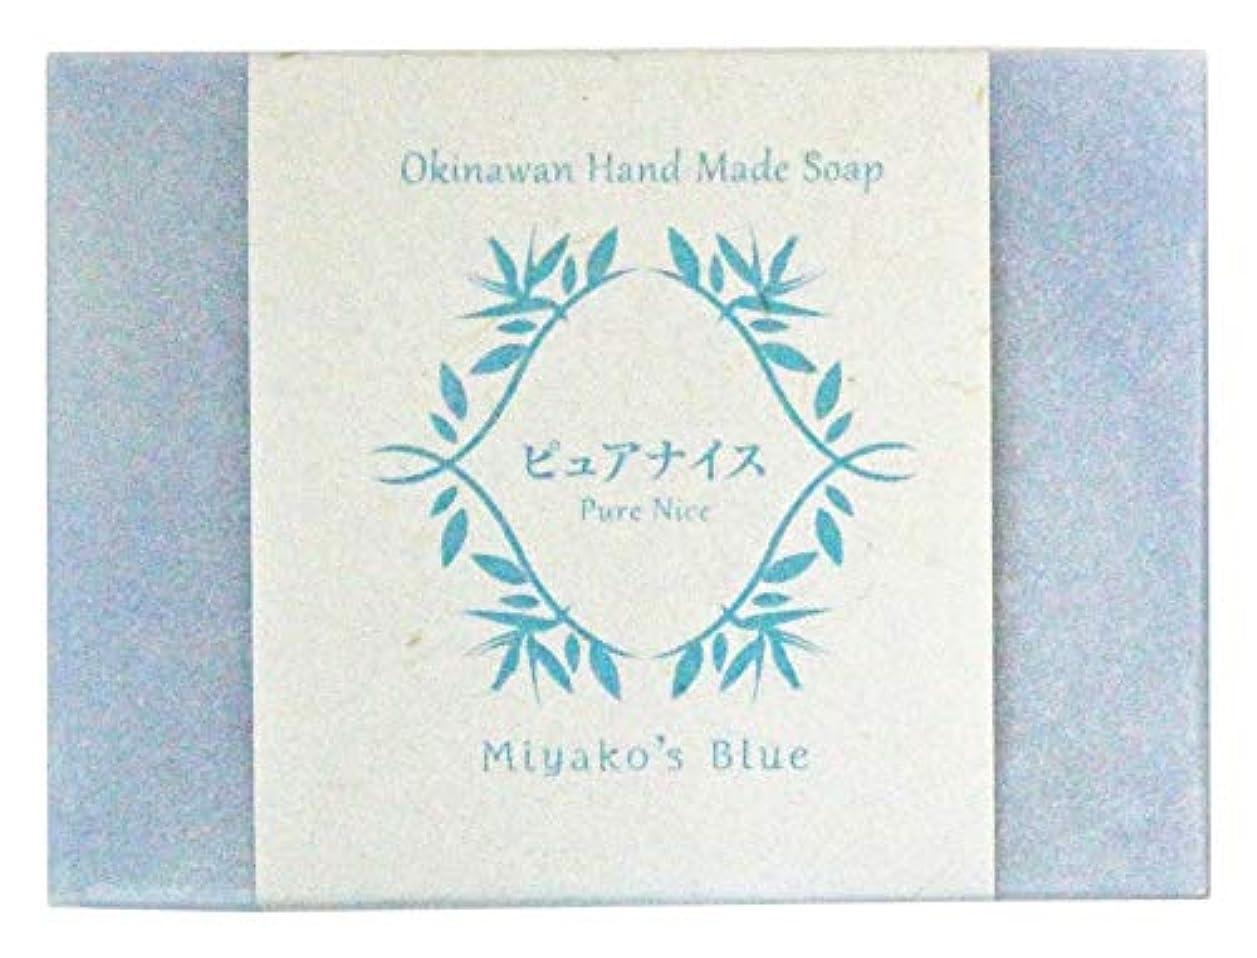 庭園簡略化する虫ピュアナイス おきなわ素材石けん Miyako's Blue 100g 3個セット